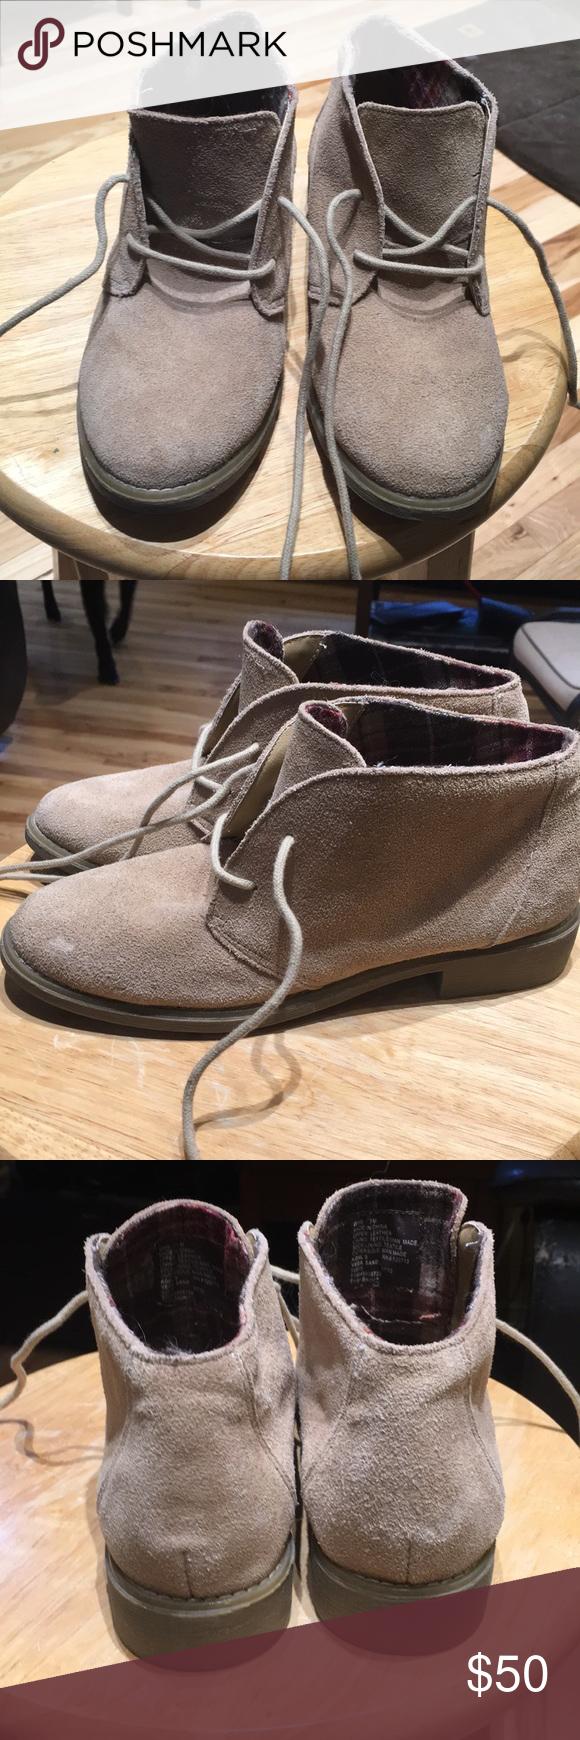 Eddie Bauer Shoes Shoes, Bootie boots, Clothes design